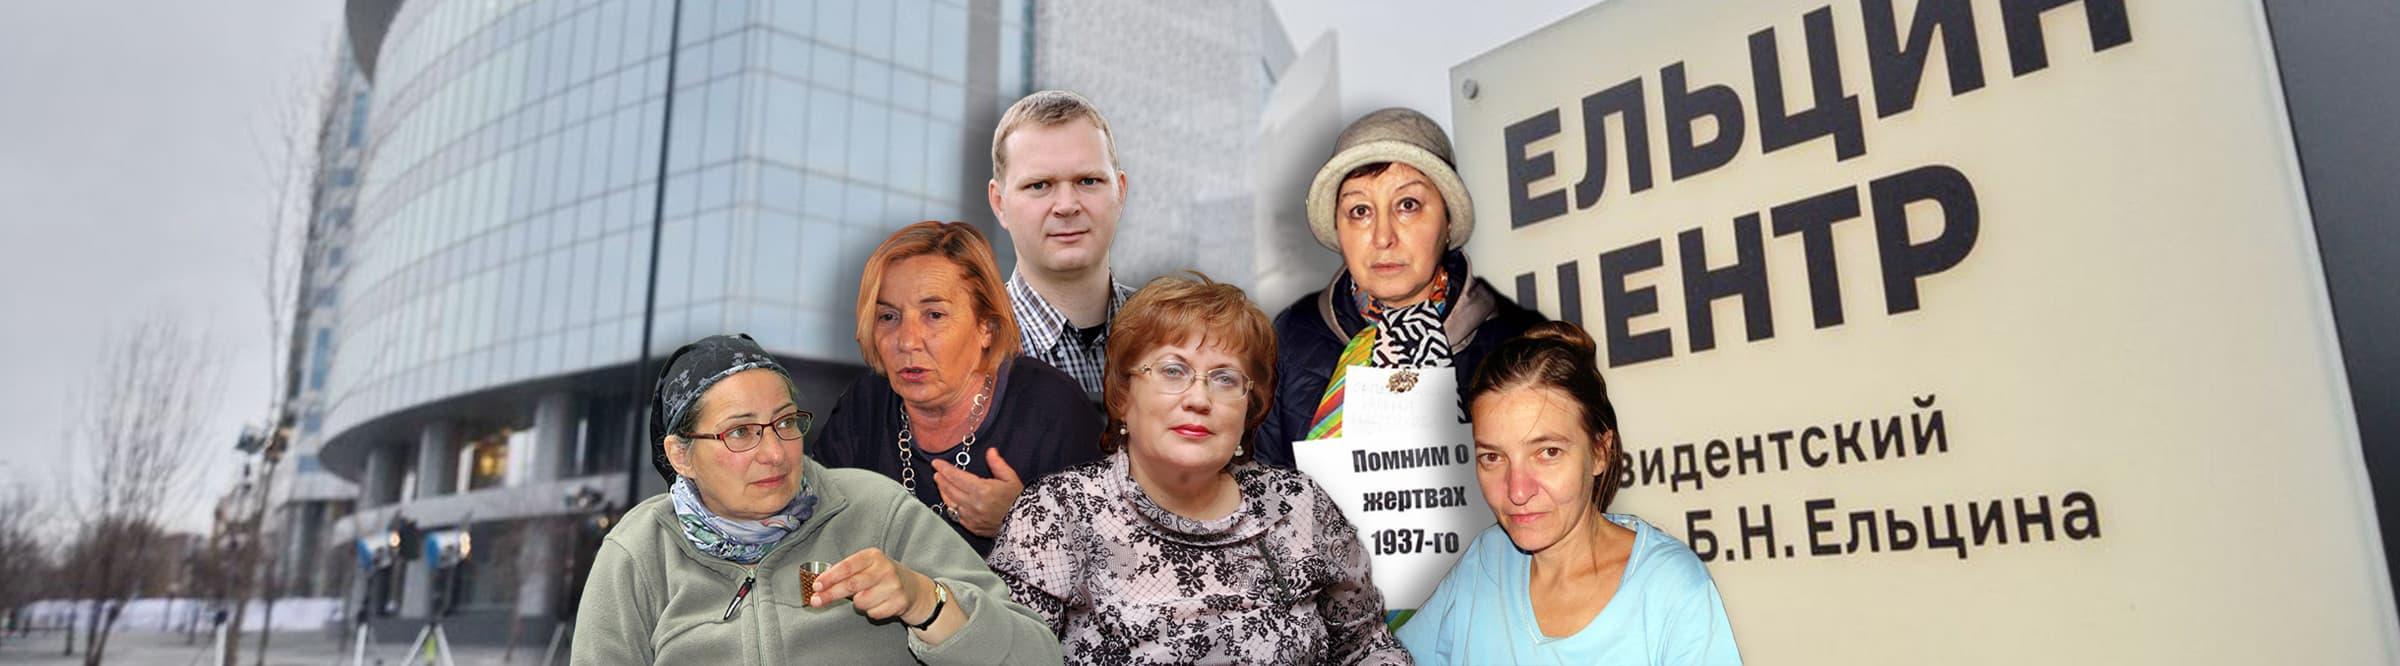 Как омбудсмен Мерзлякова помогает в организации заседания правления Международного «Мемориала» в Ельцин Центре